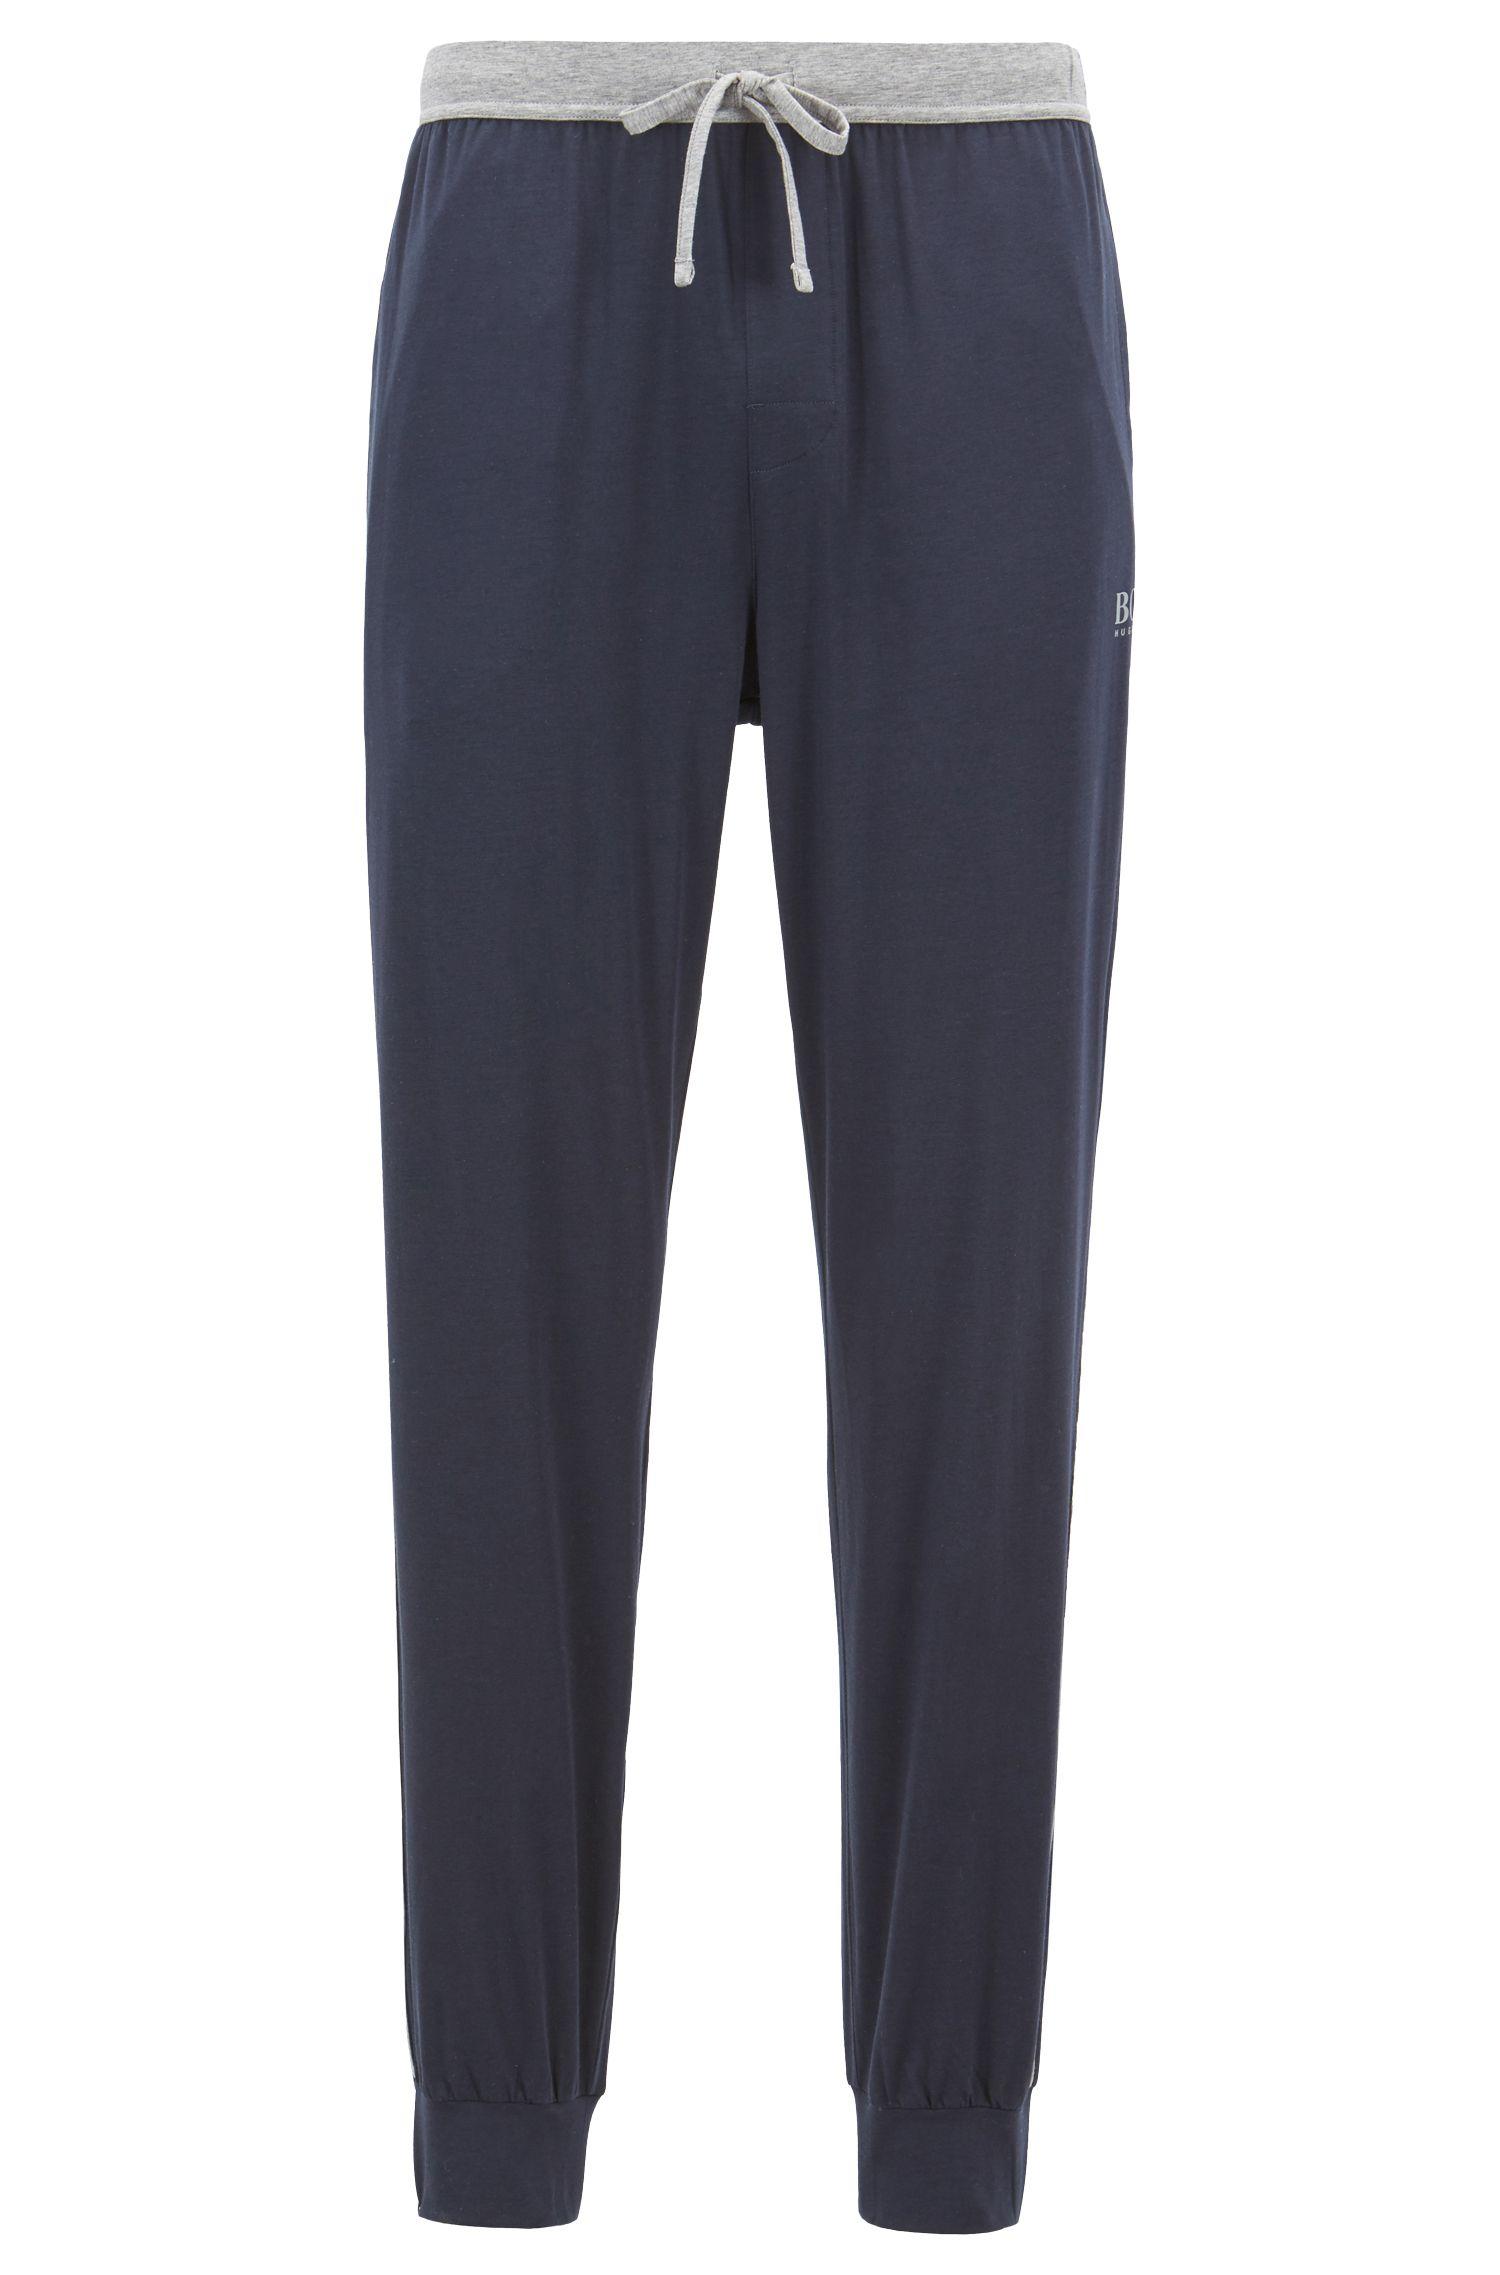 Pantaloni del pigiama in tessuto elasticizzato con fondo gamba elastico